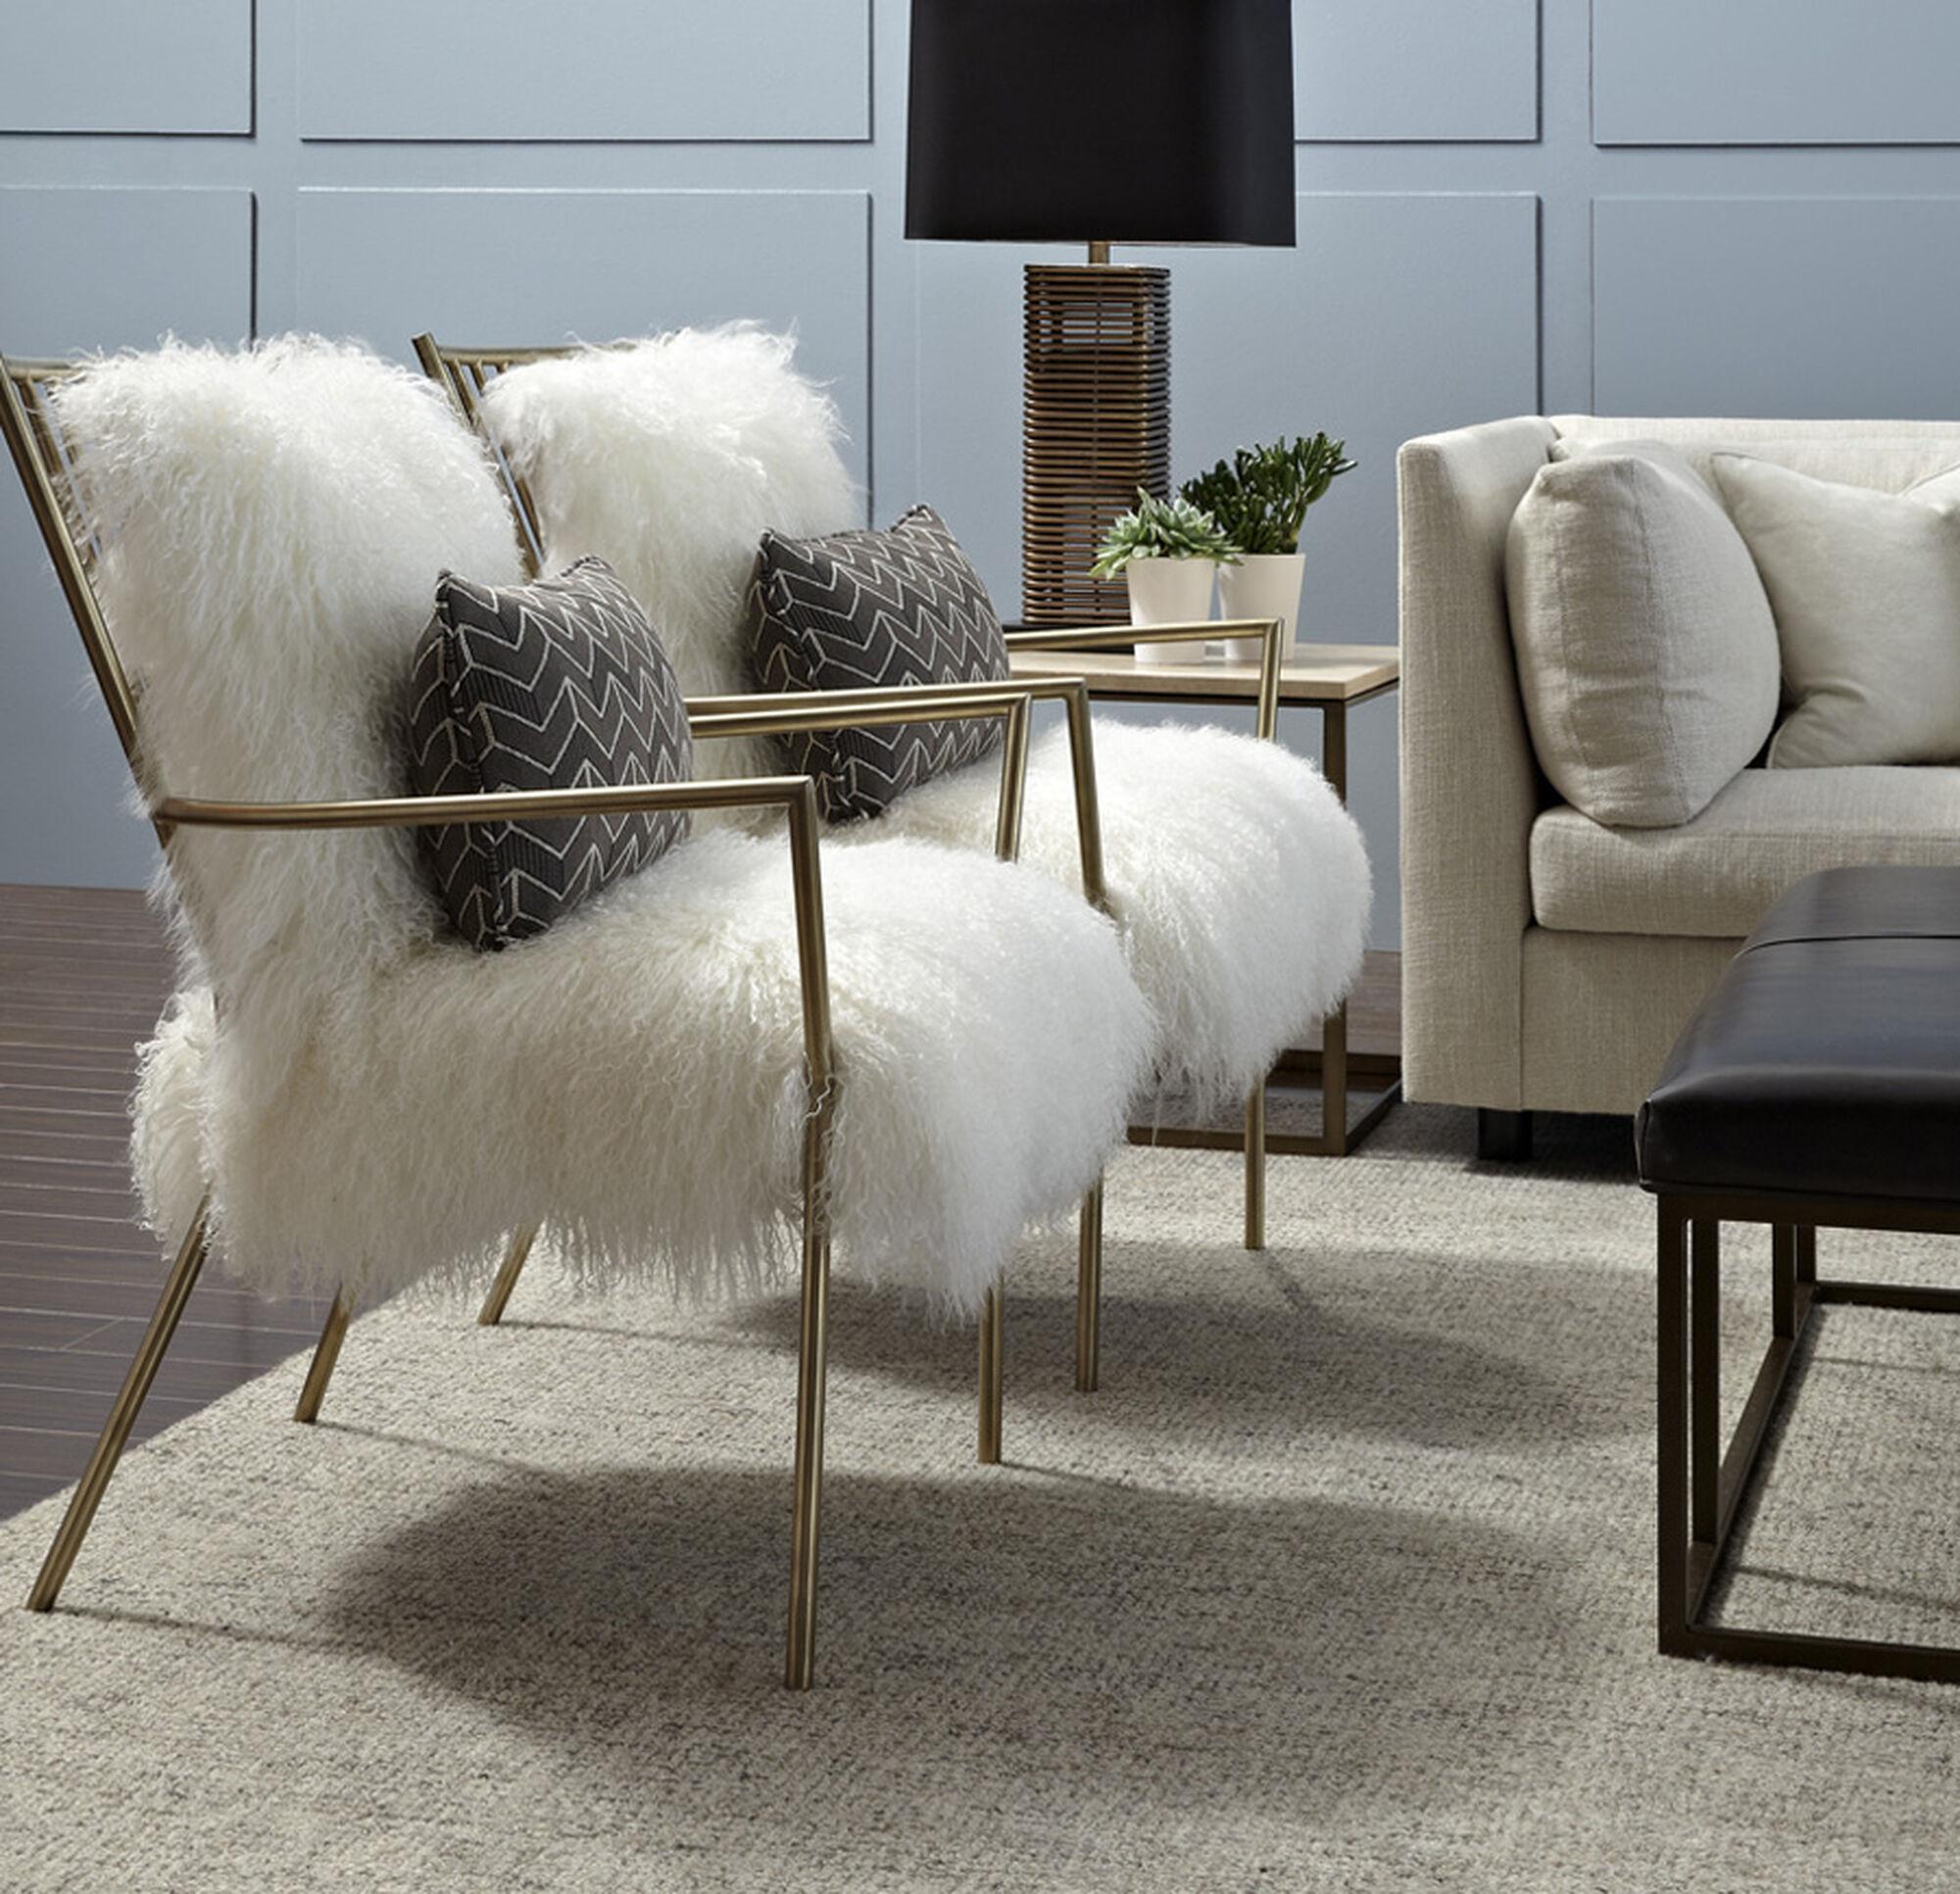 Ansel White Tibetan Fur Chair